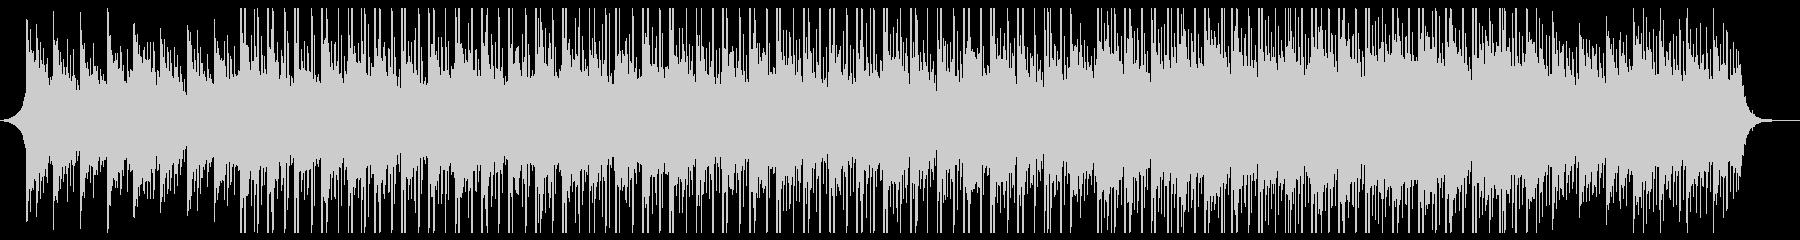 バックグラウンドテクノロジーミュージックの未再生の波形